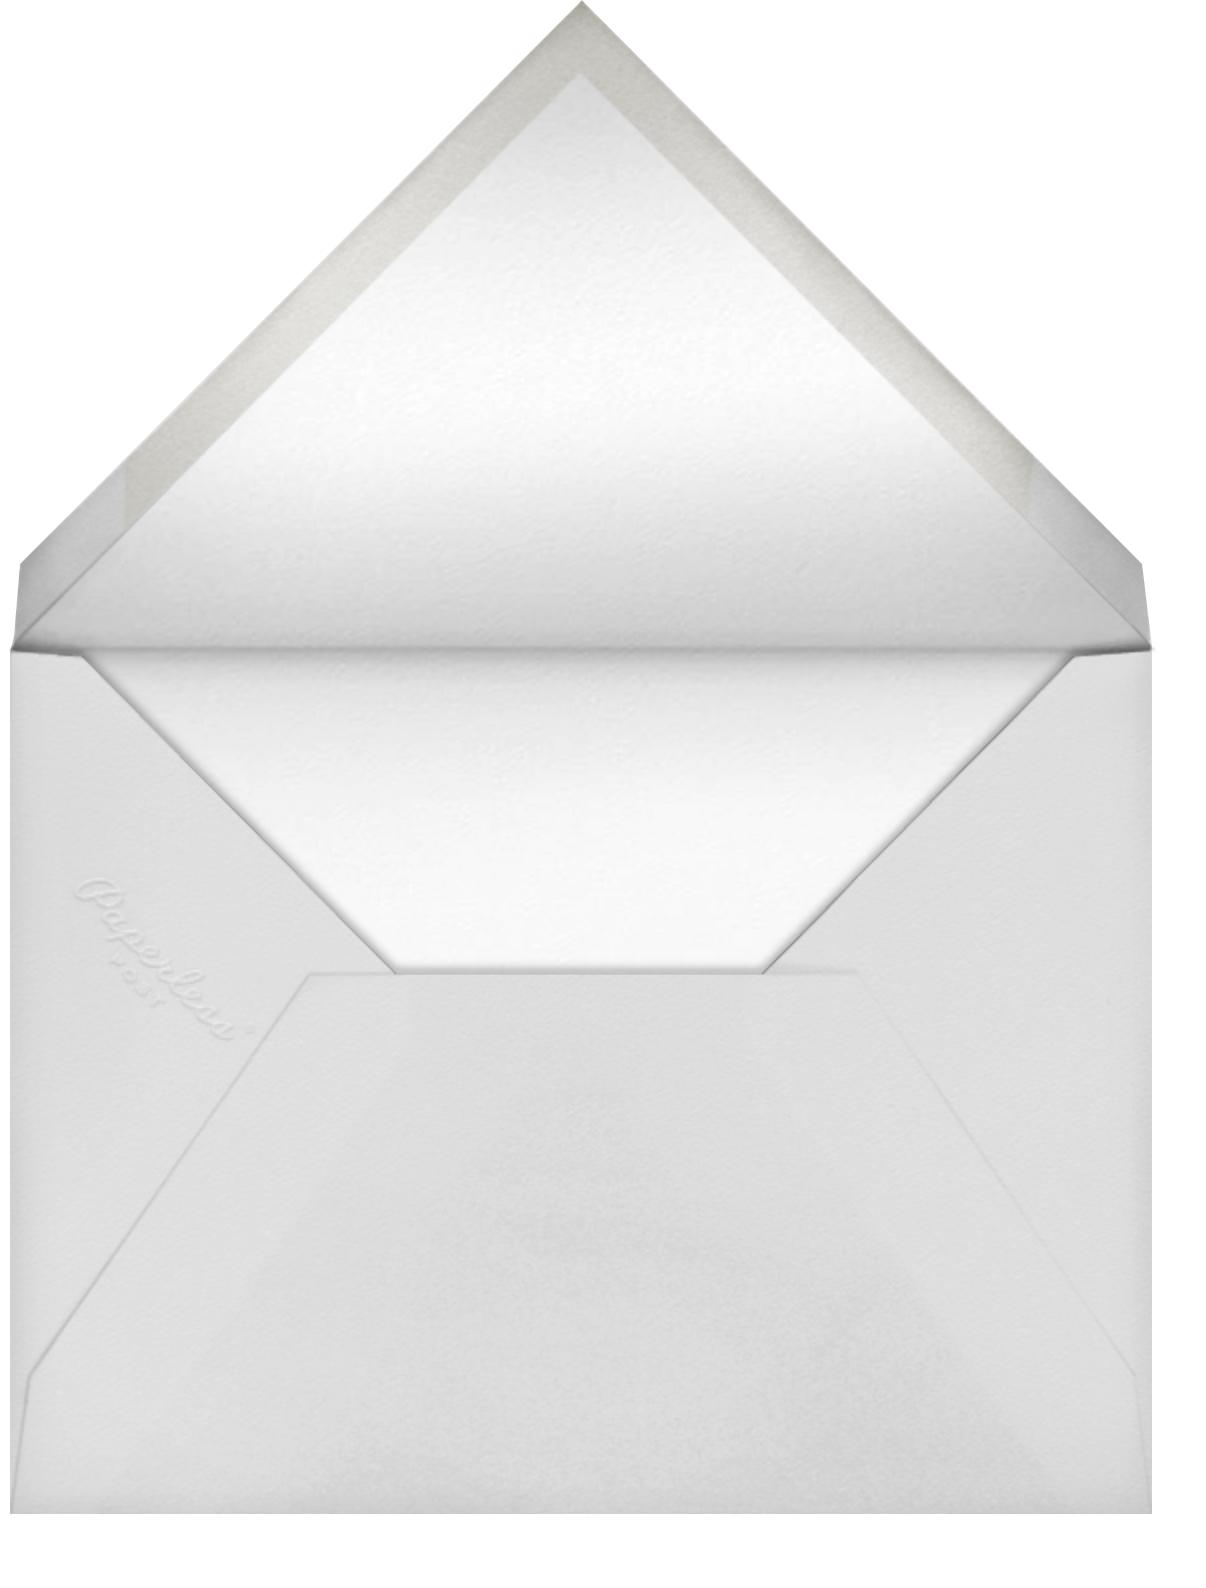 Star Light, Starbrite (Square) - Green - Paperless Post - null - envelope back